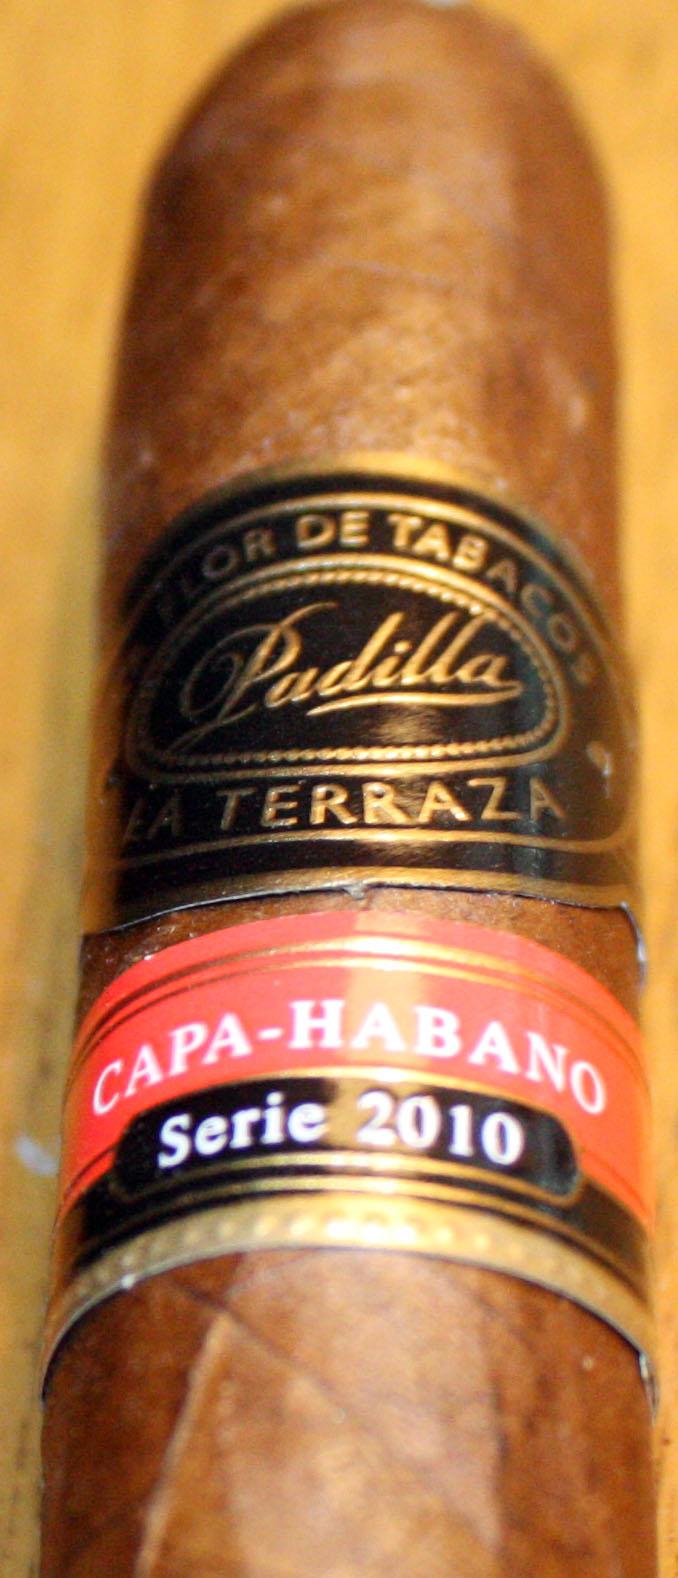 Padilla La Terraza Capa Habano 2010 – Cigar Review